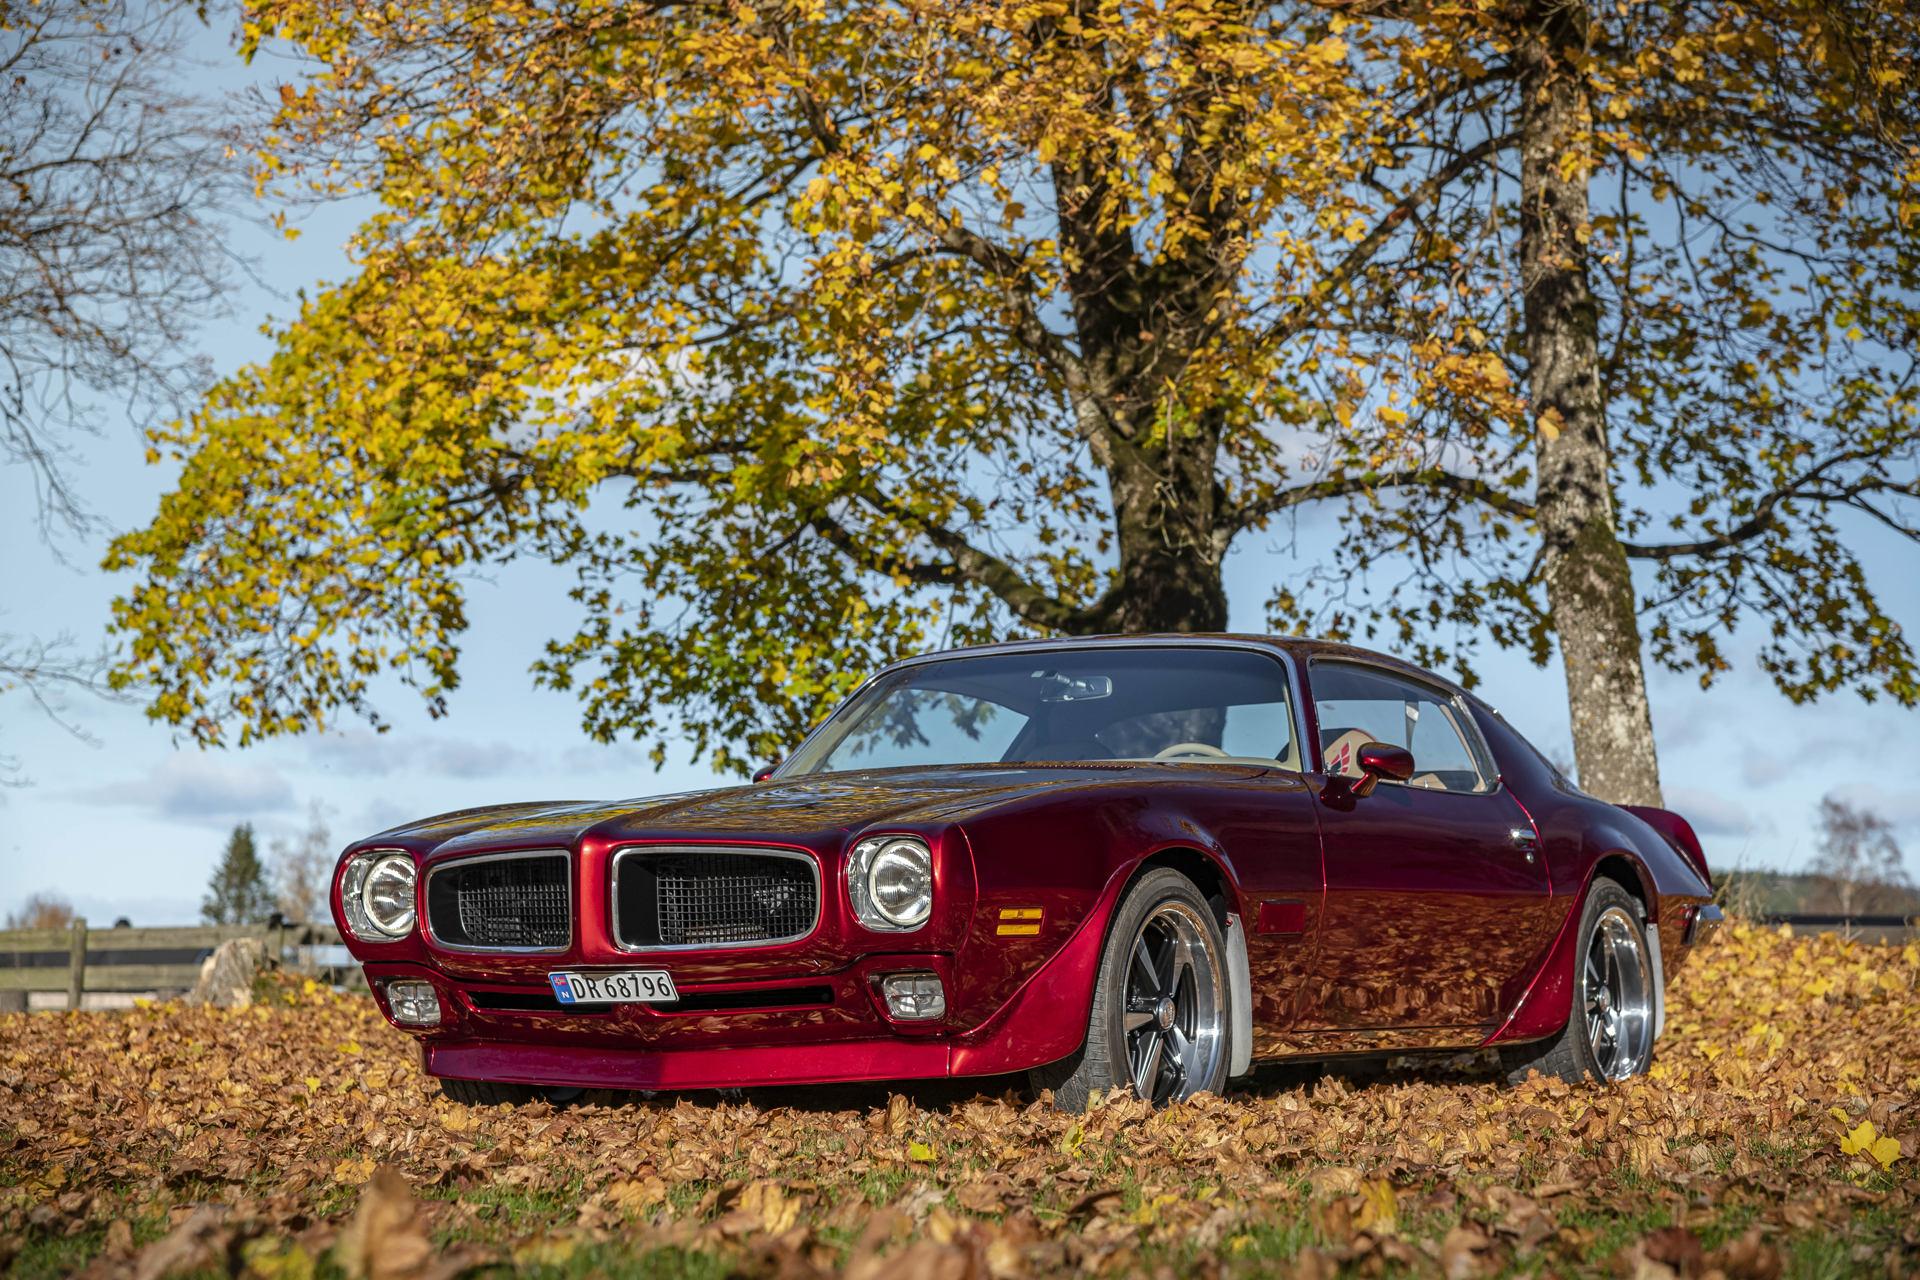 239-1971 Pontiac Firebird 350 01. Eier- medlem 239